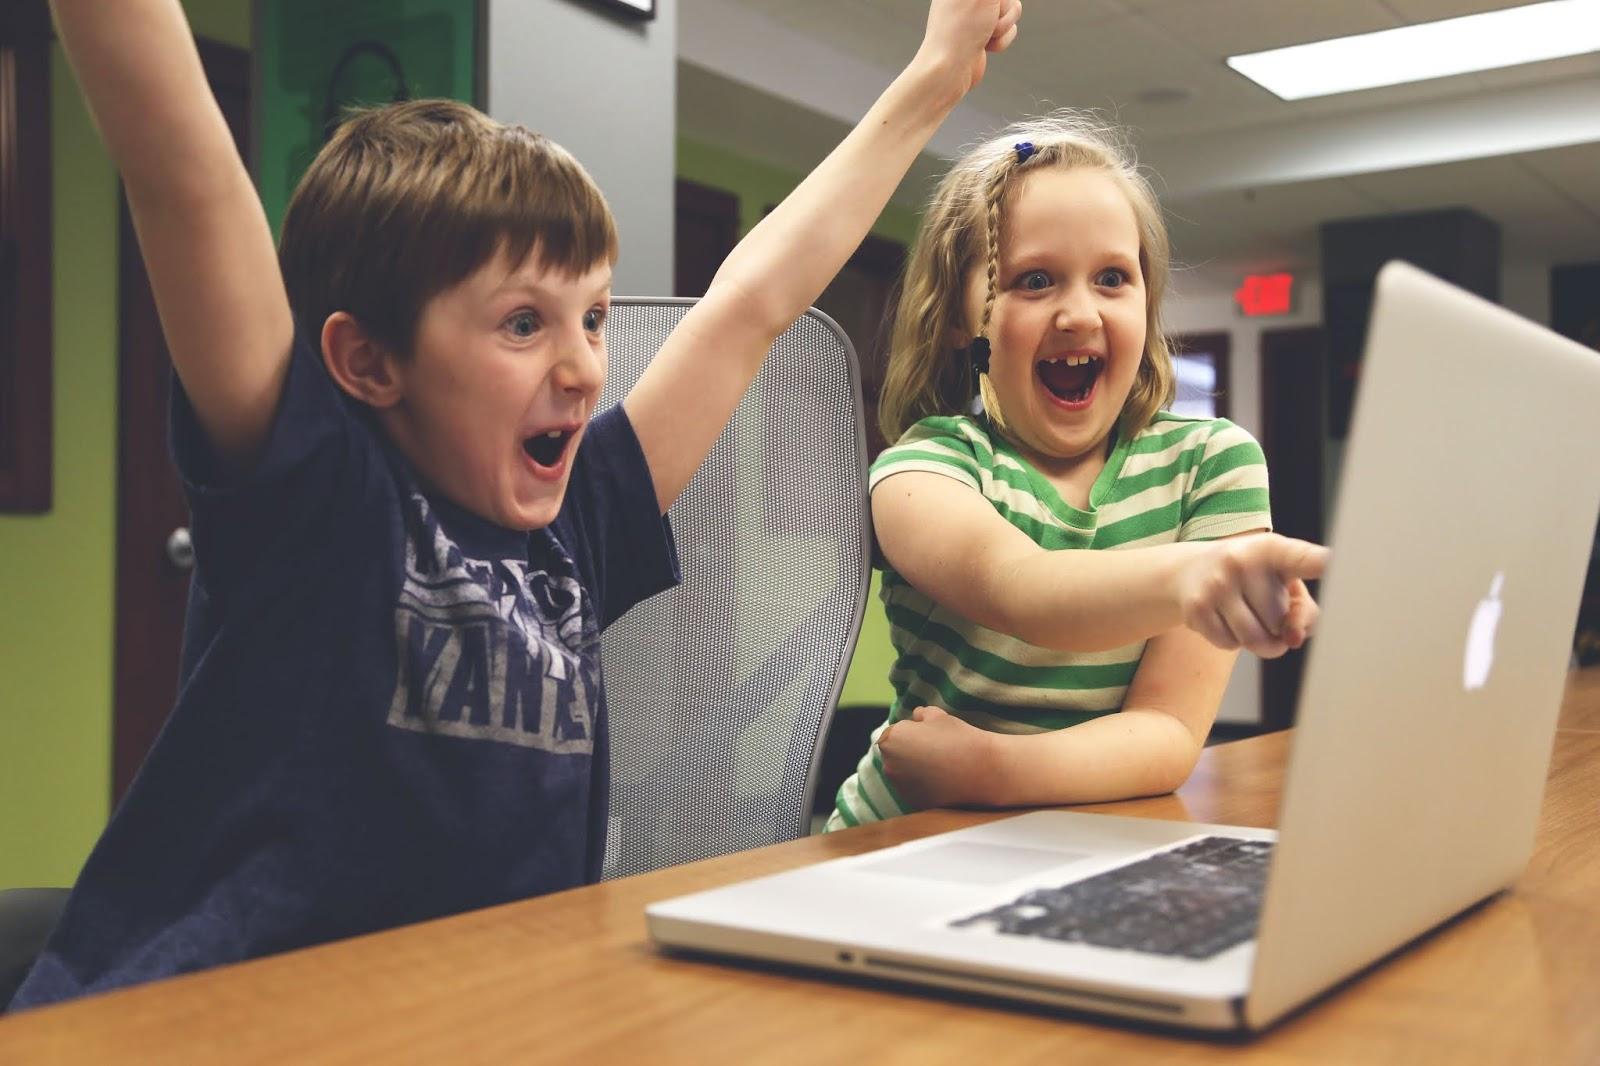 Orang tua: Guru, Biarkan Anak Kami Bahagia